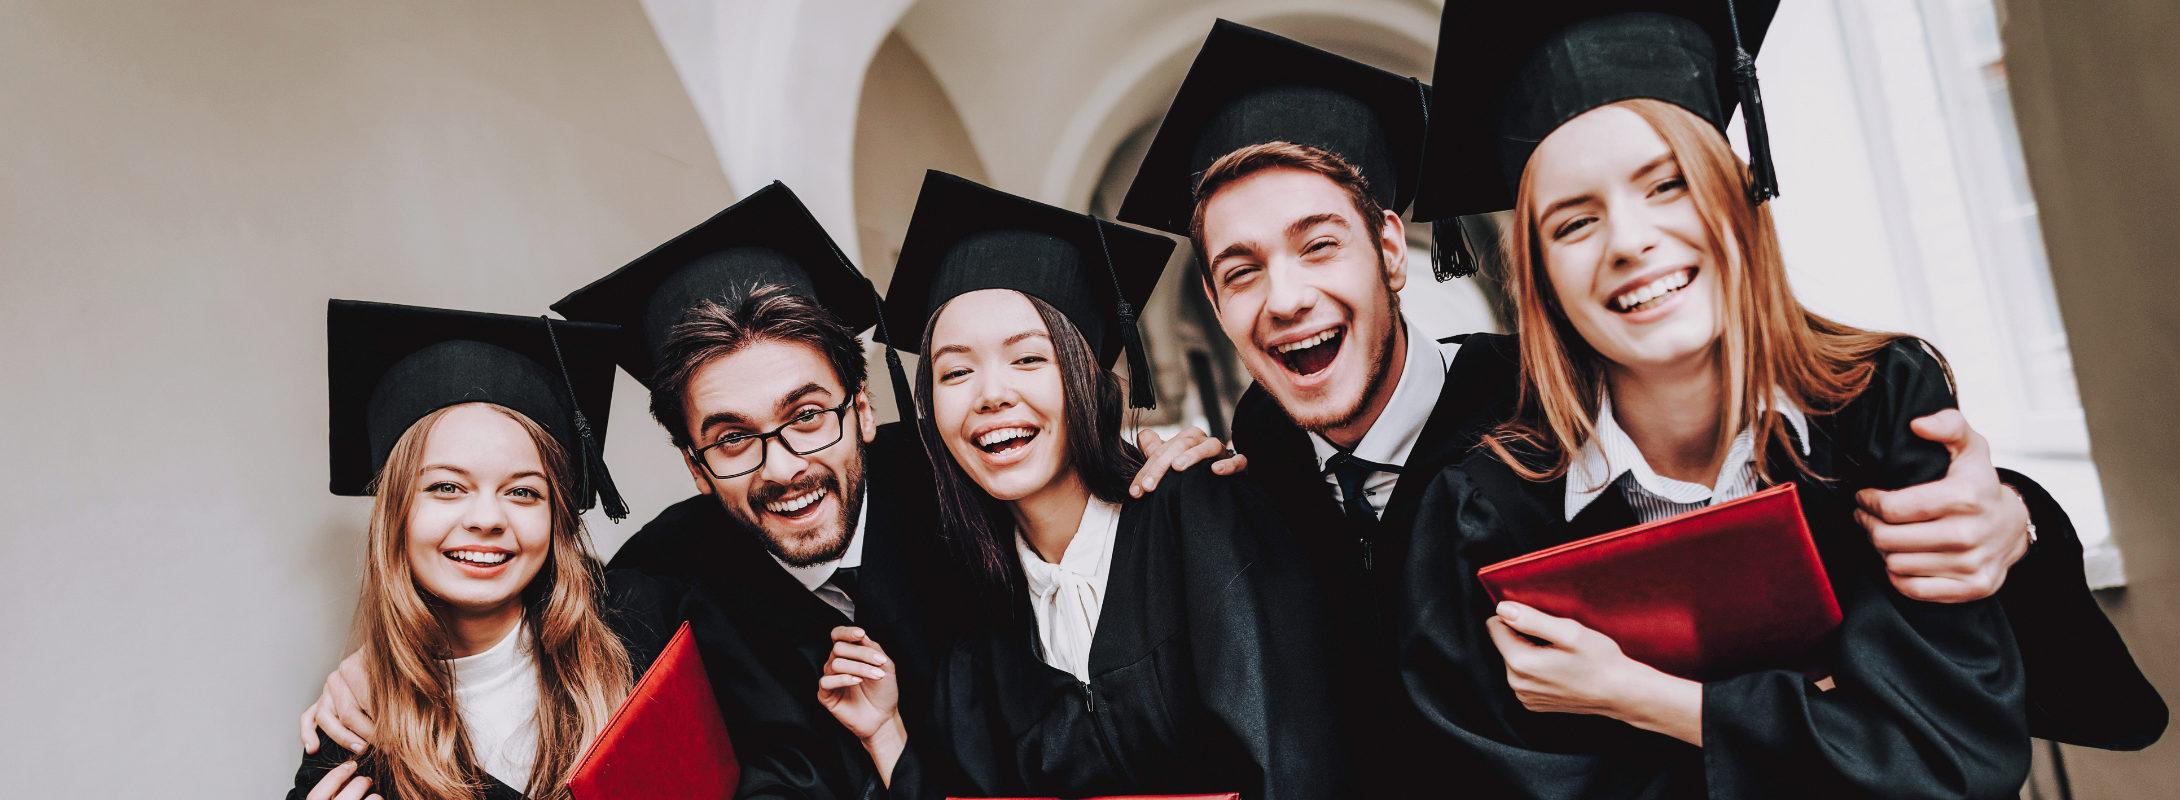 Internationale Law Schools auf der ganzen Welt